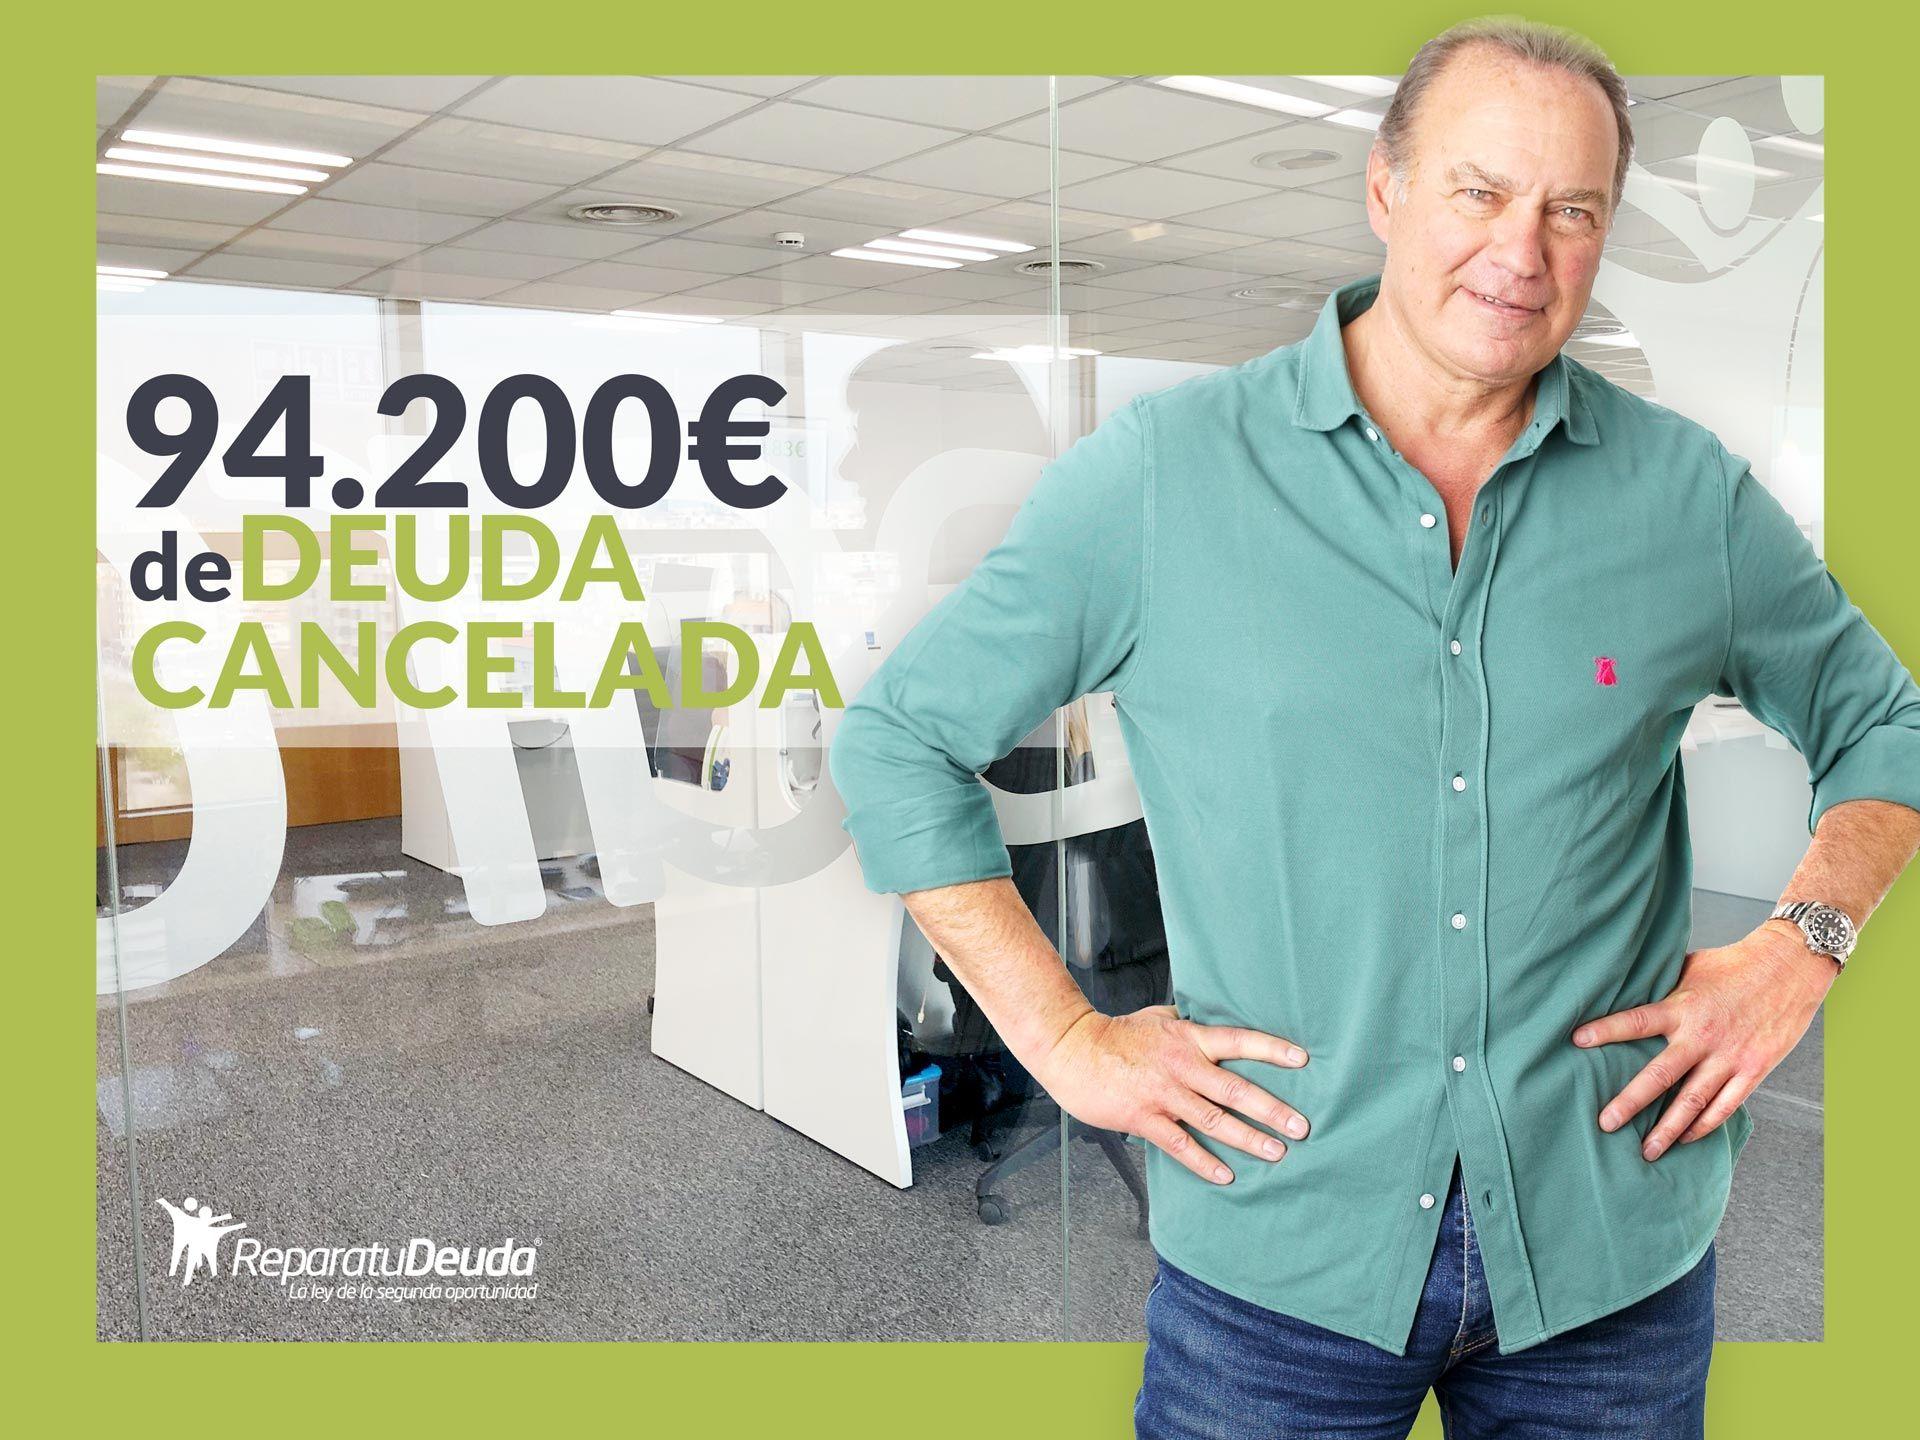 Repara tu Deuda abogados cancela 94.200 € en Sabadell (Barcelona) con la Ley de Segunda Oportunidad